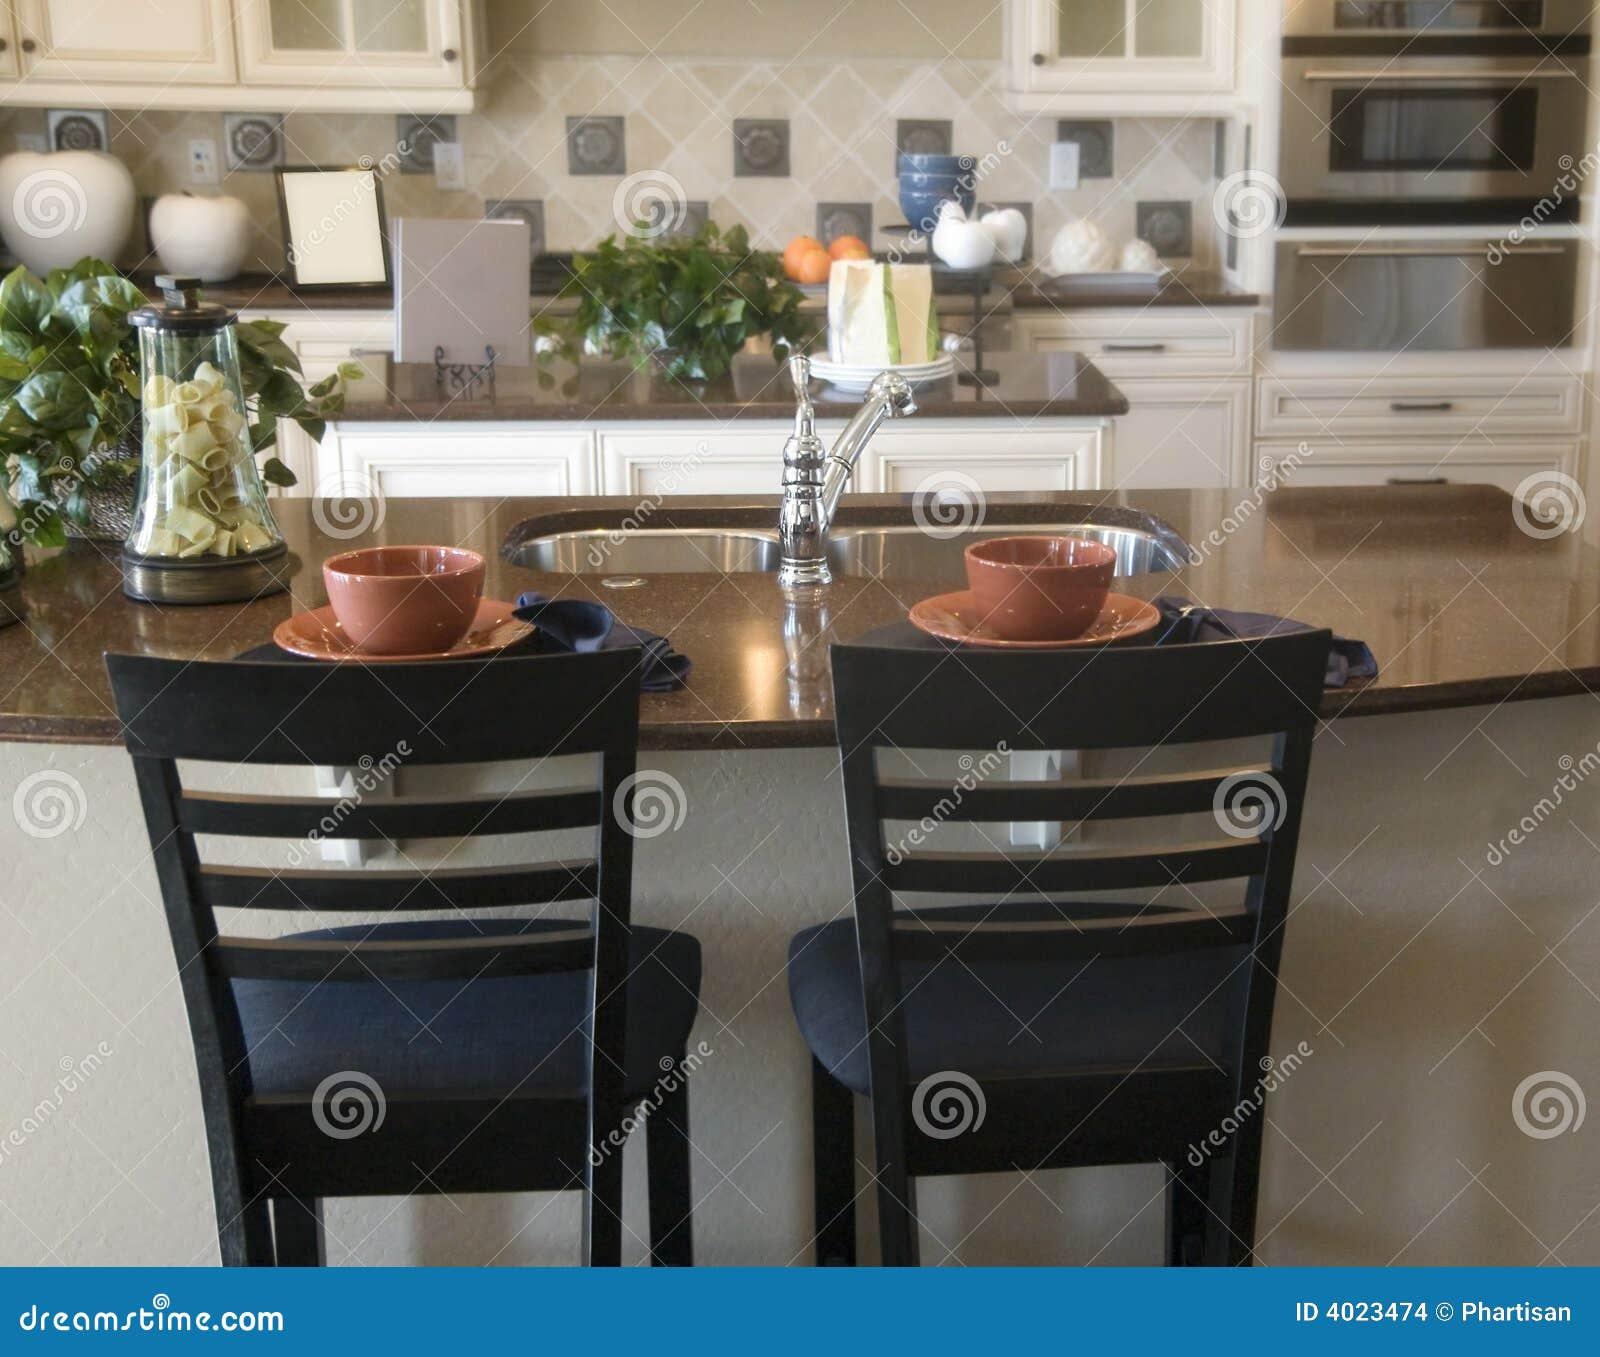 Projeto Interior Da Cozinha Moderna Imagens de Stock Imagem: 4023474 #83A427 1300 1119